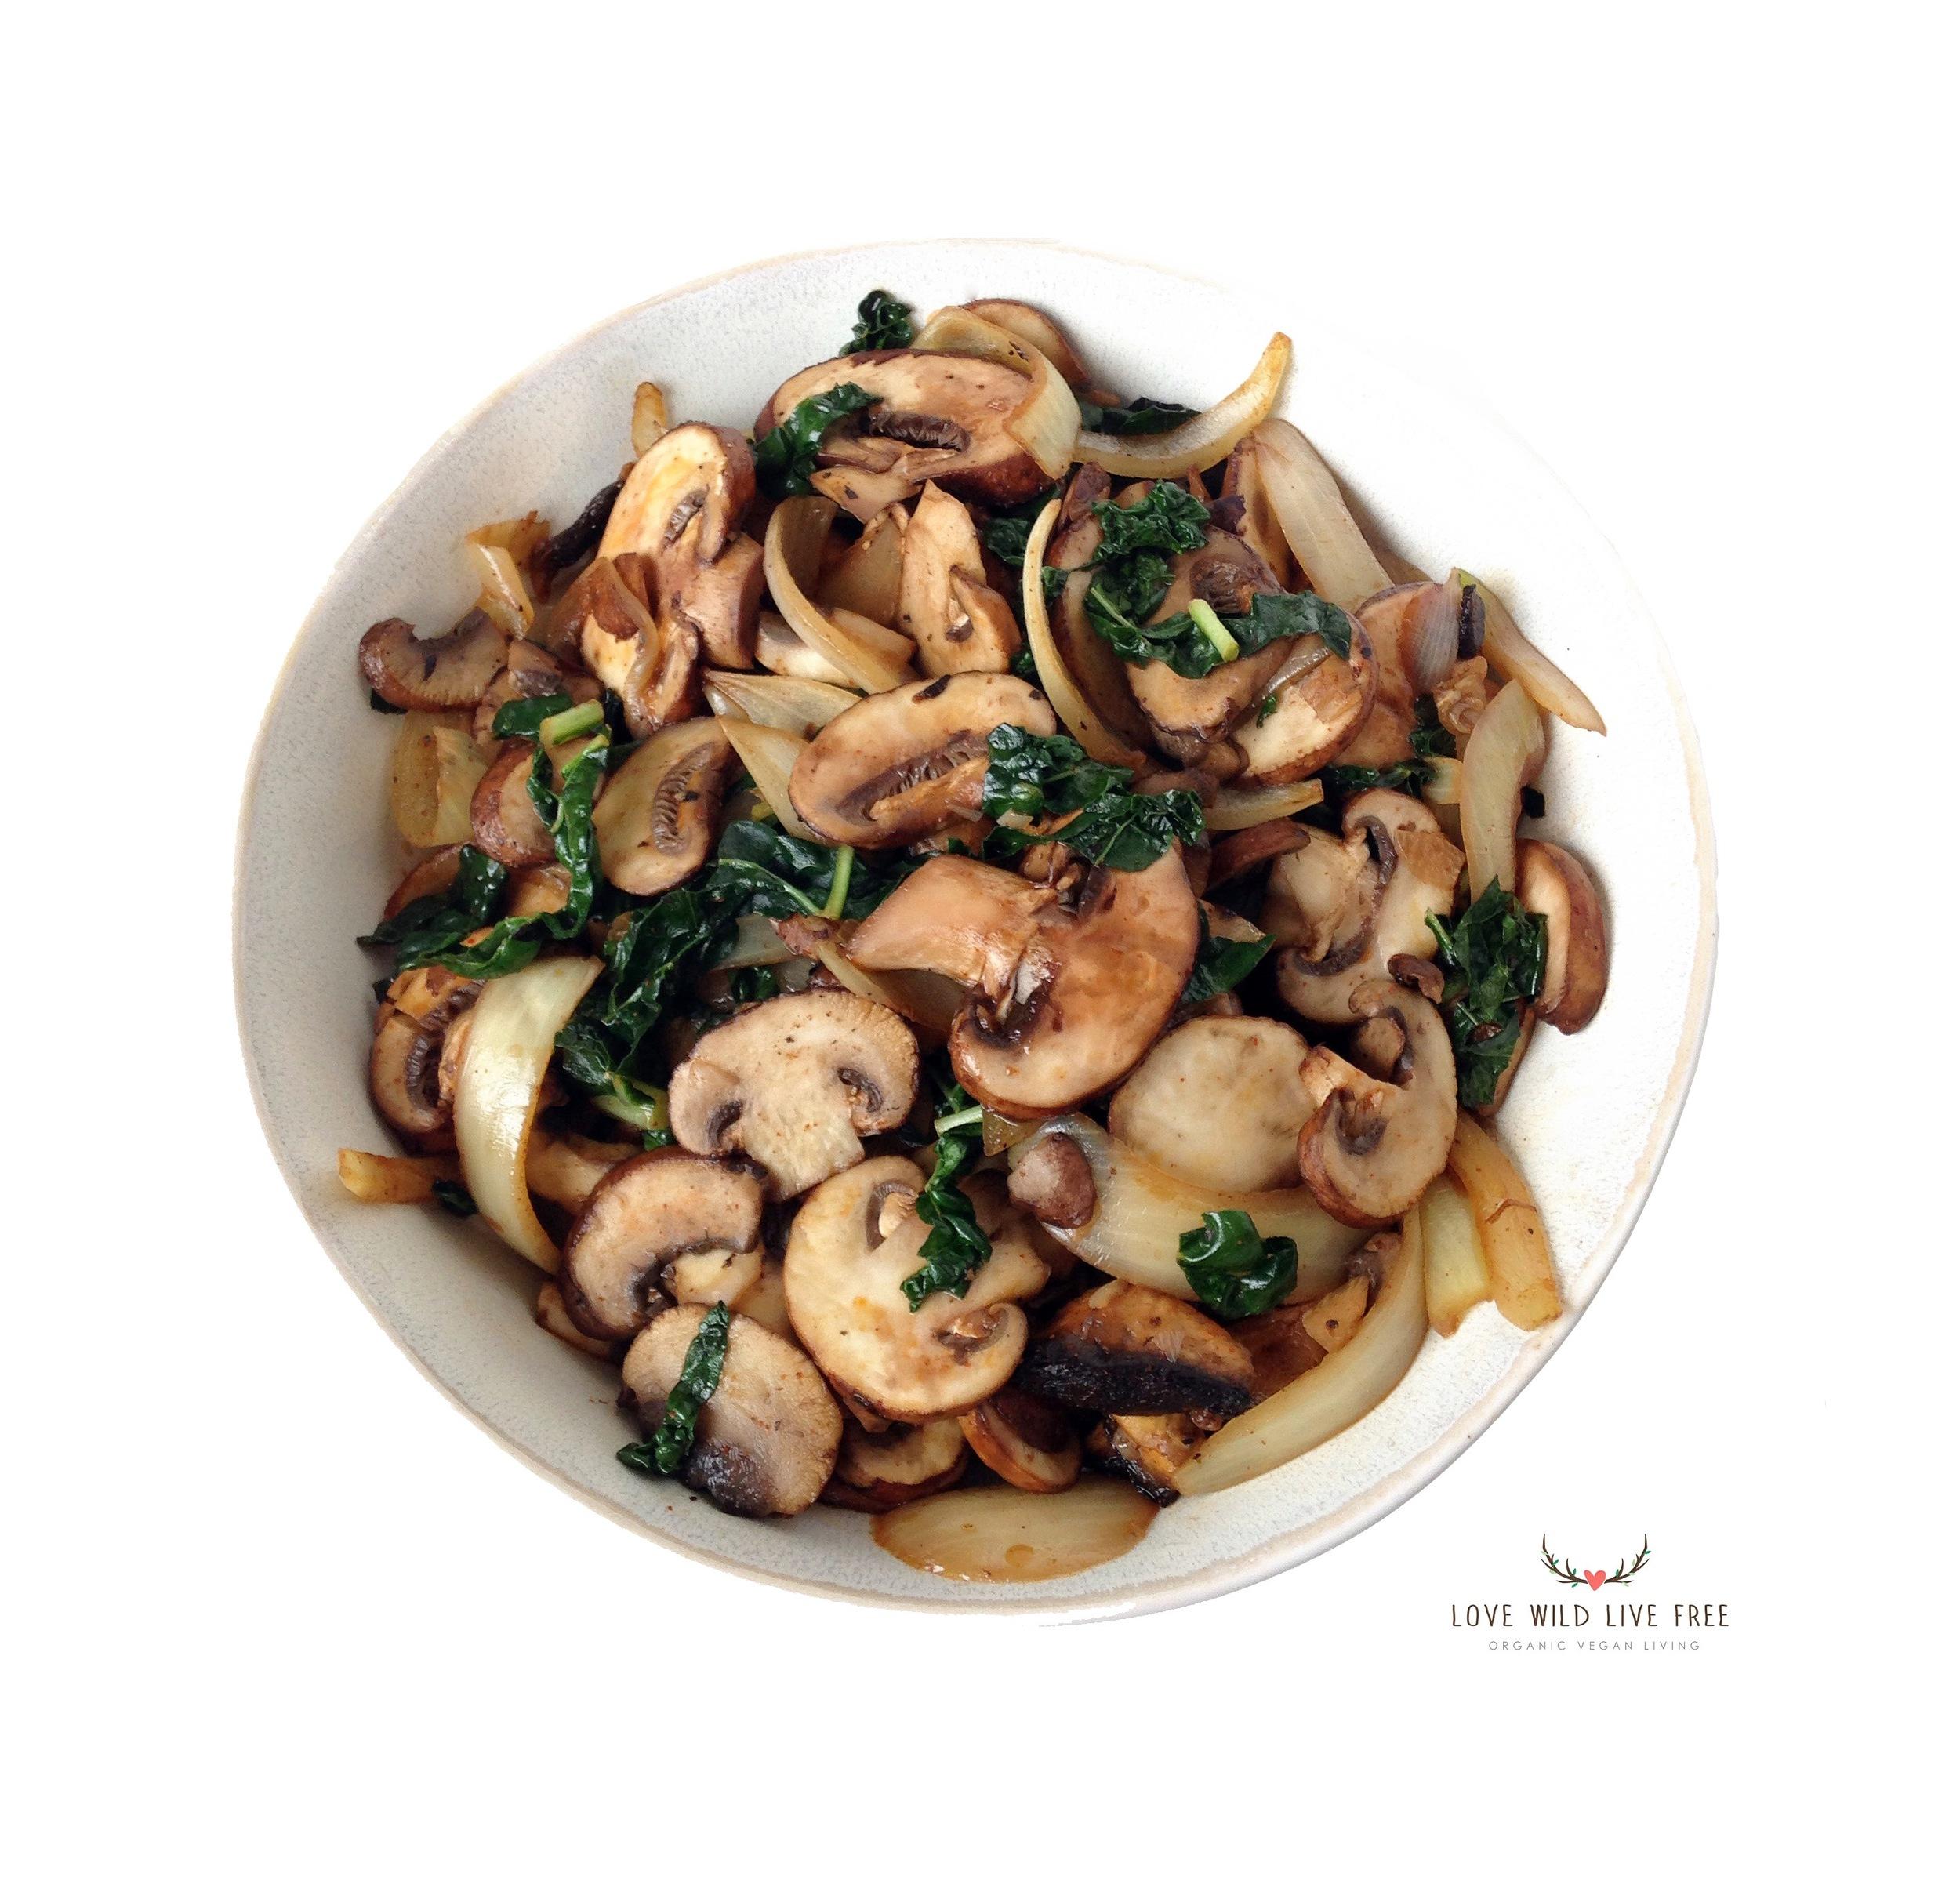 LoveWildLiveFree_mushroomskale